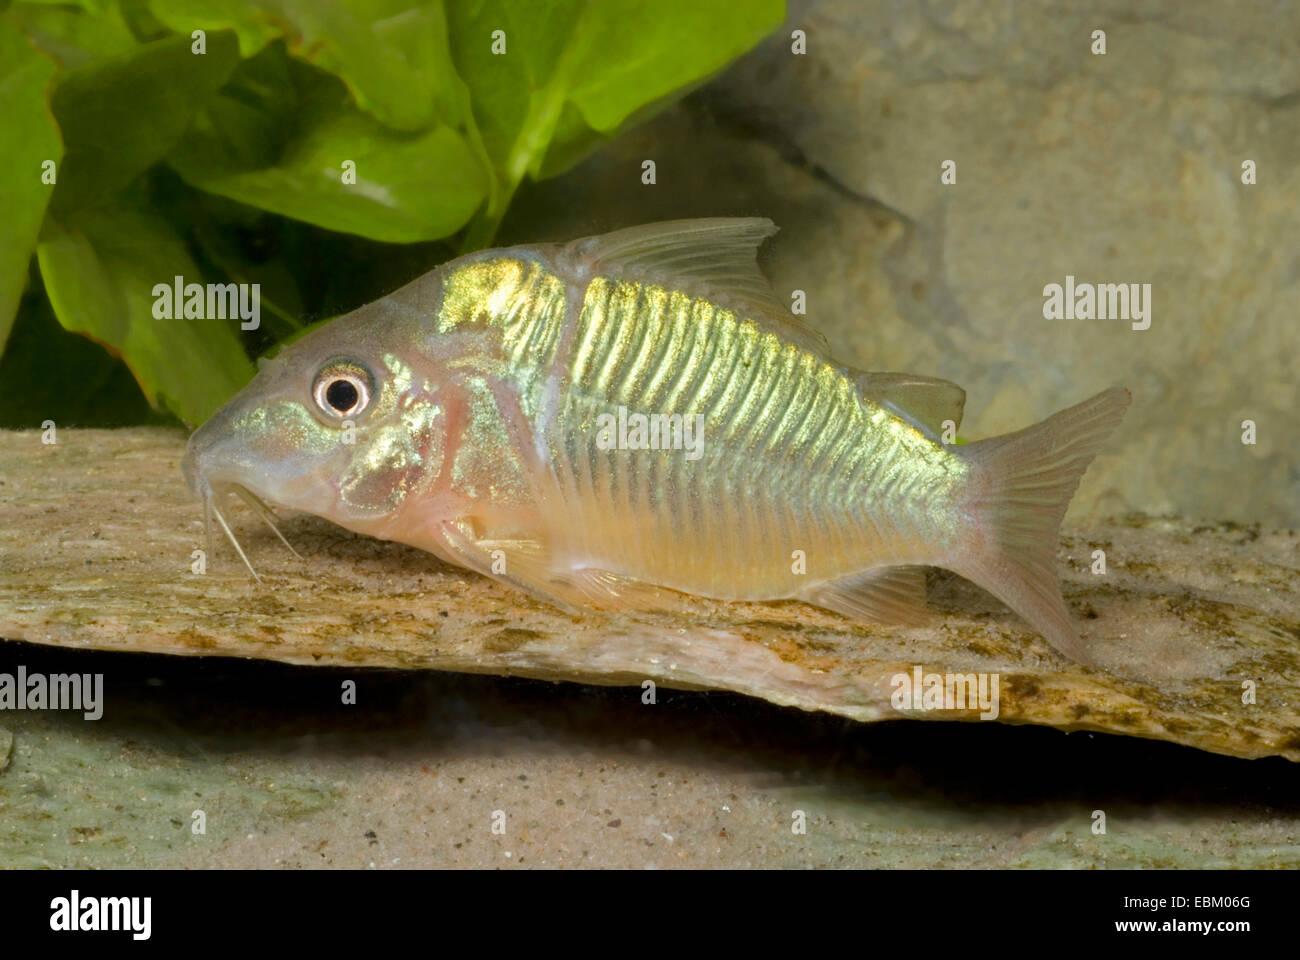 Curto-bodied bagre (Brochis splendens), natação Imagens de Stock